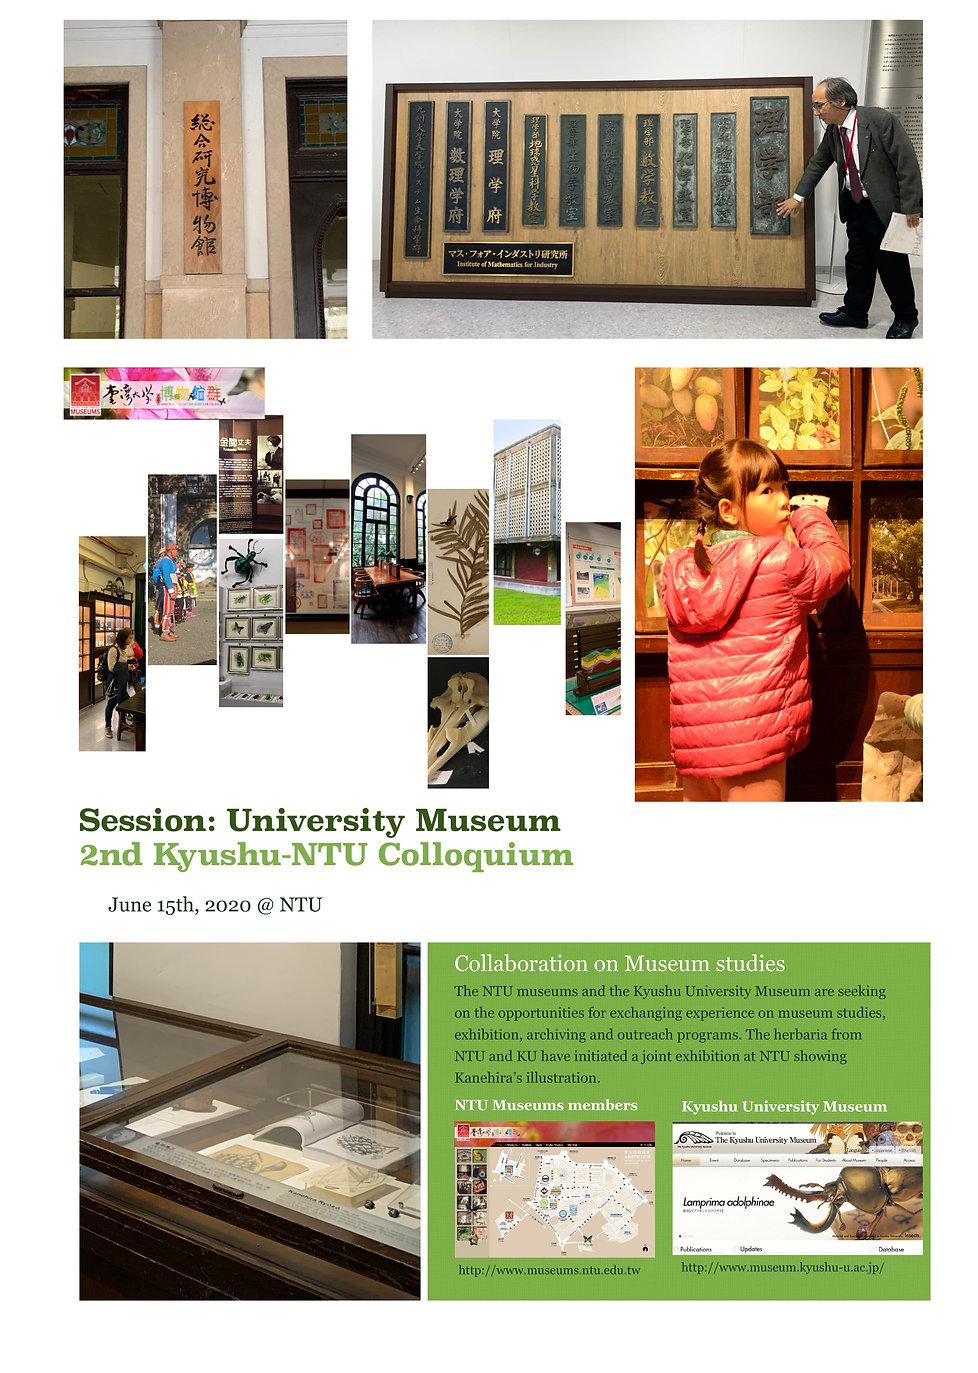 領域-大學博物館-海報2_Poster_University Museum-1.